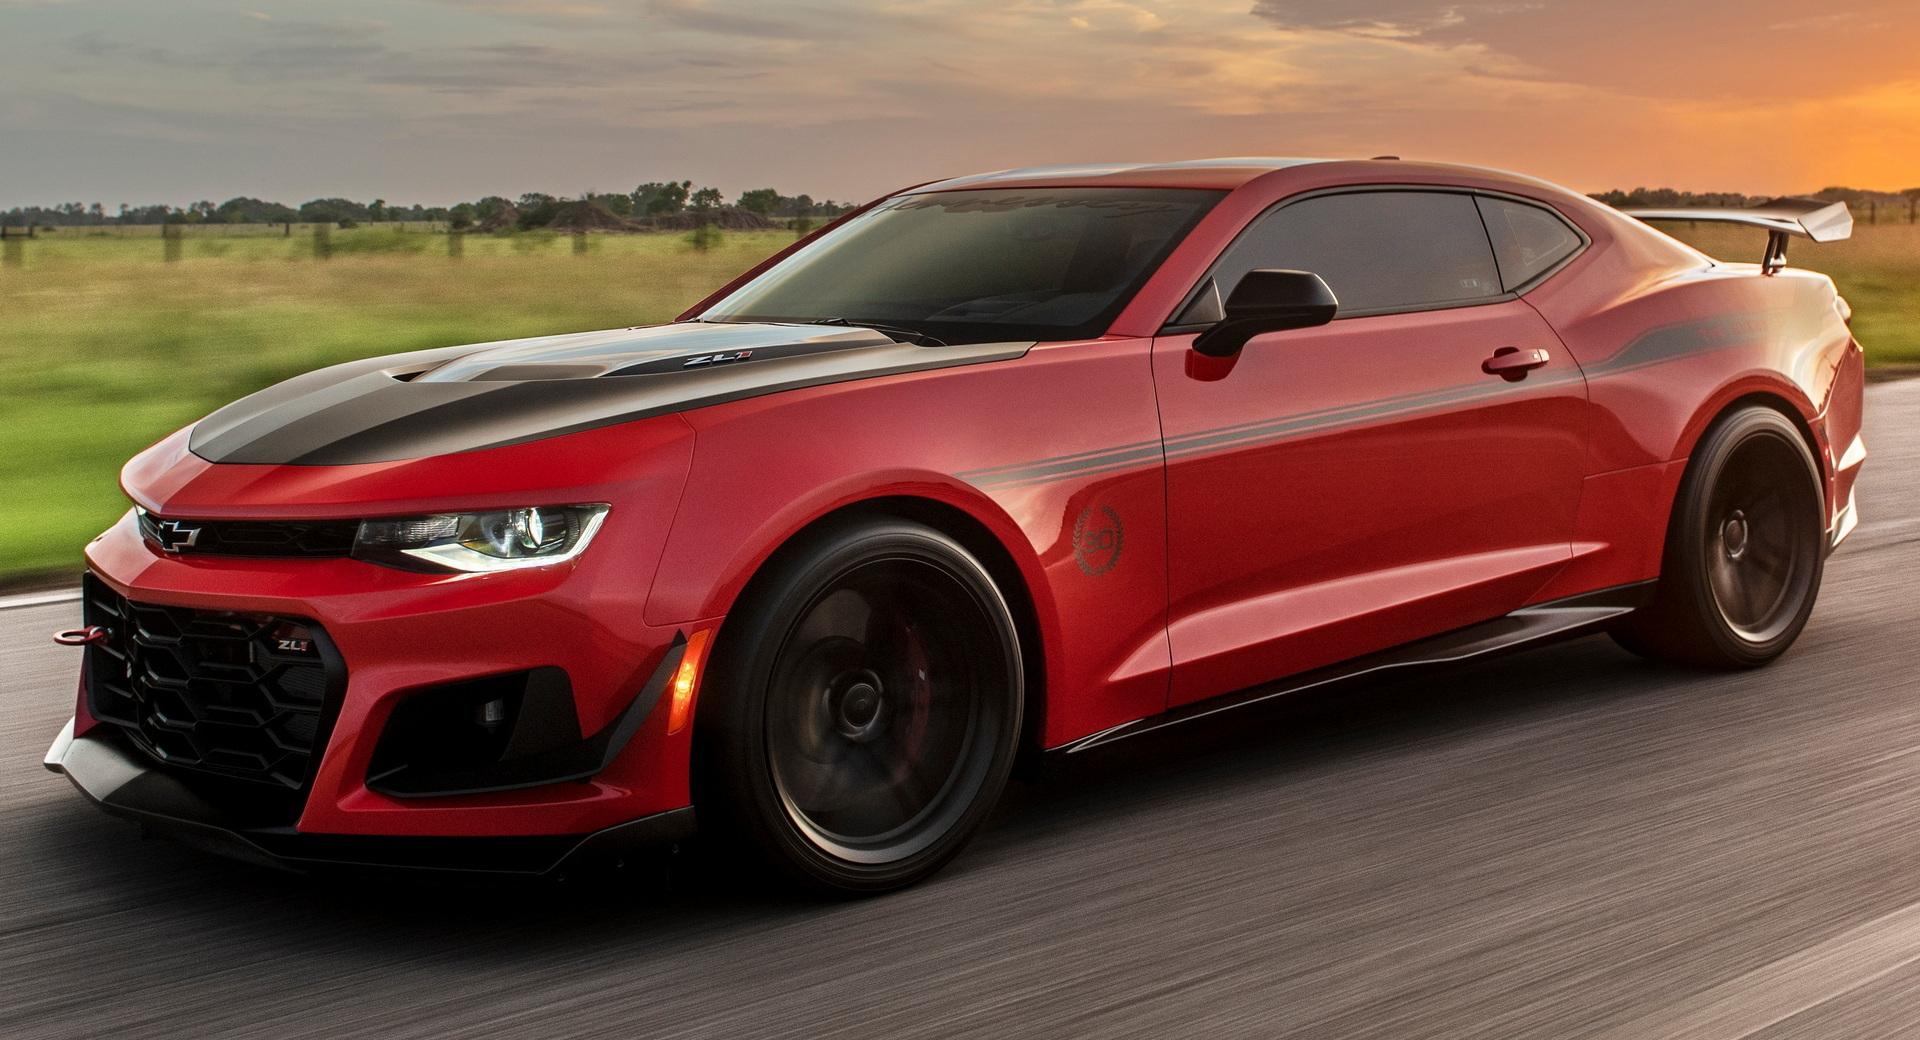 Компания Hennessey Performance вот-вот отпразднует 30-летие, и в честь этого события было решено наладить выпуск 30 эксклюзивных Chevrolet Camarо Excorcist.